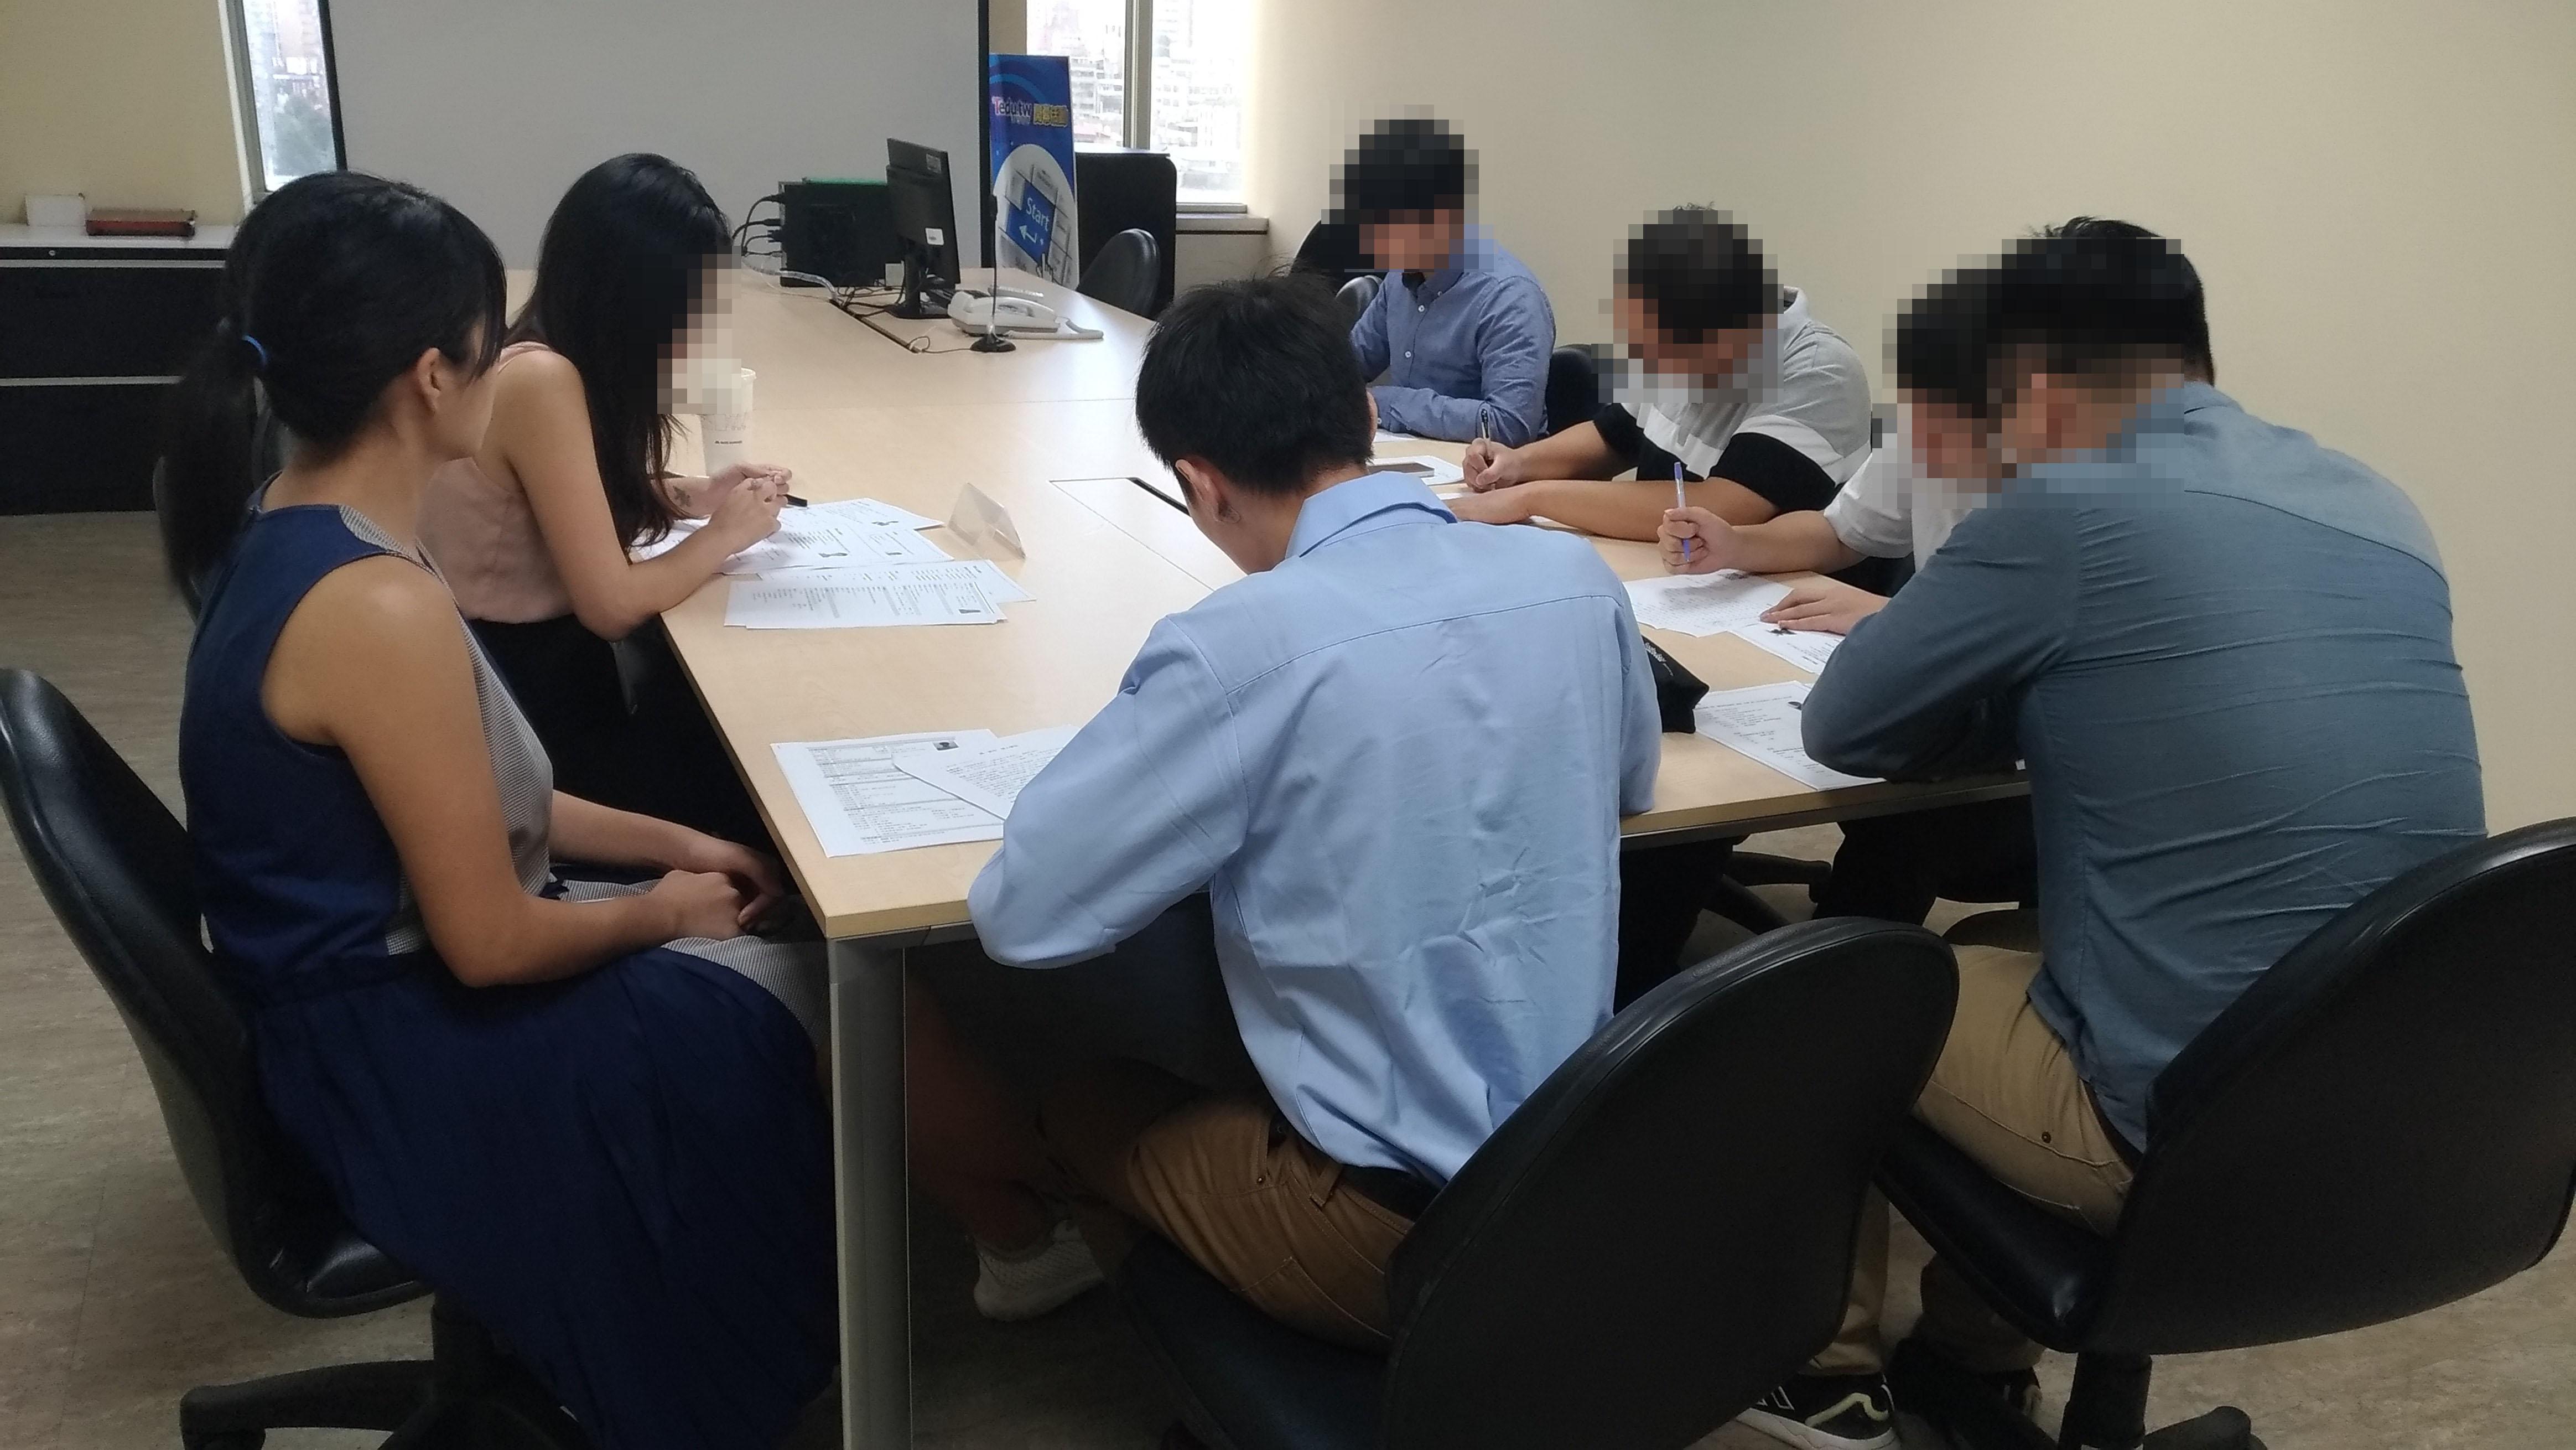 科技公司來達內教育集體面試Java工程師的圖片